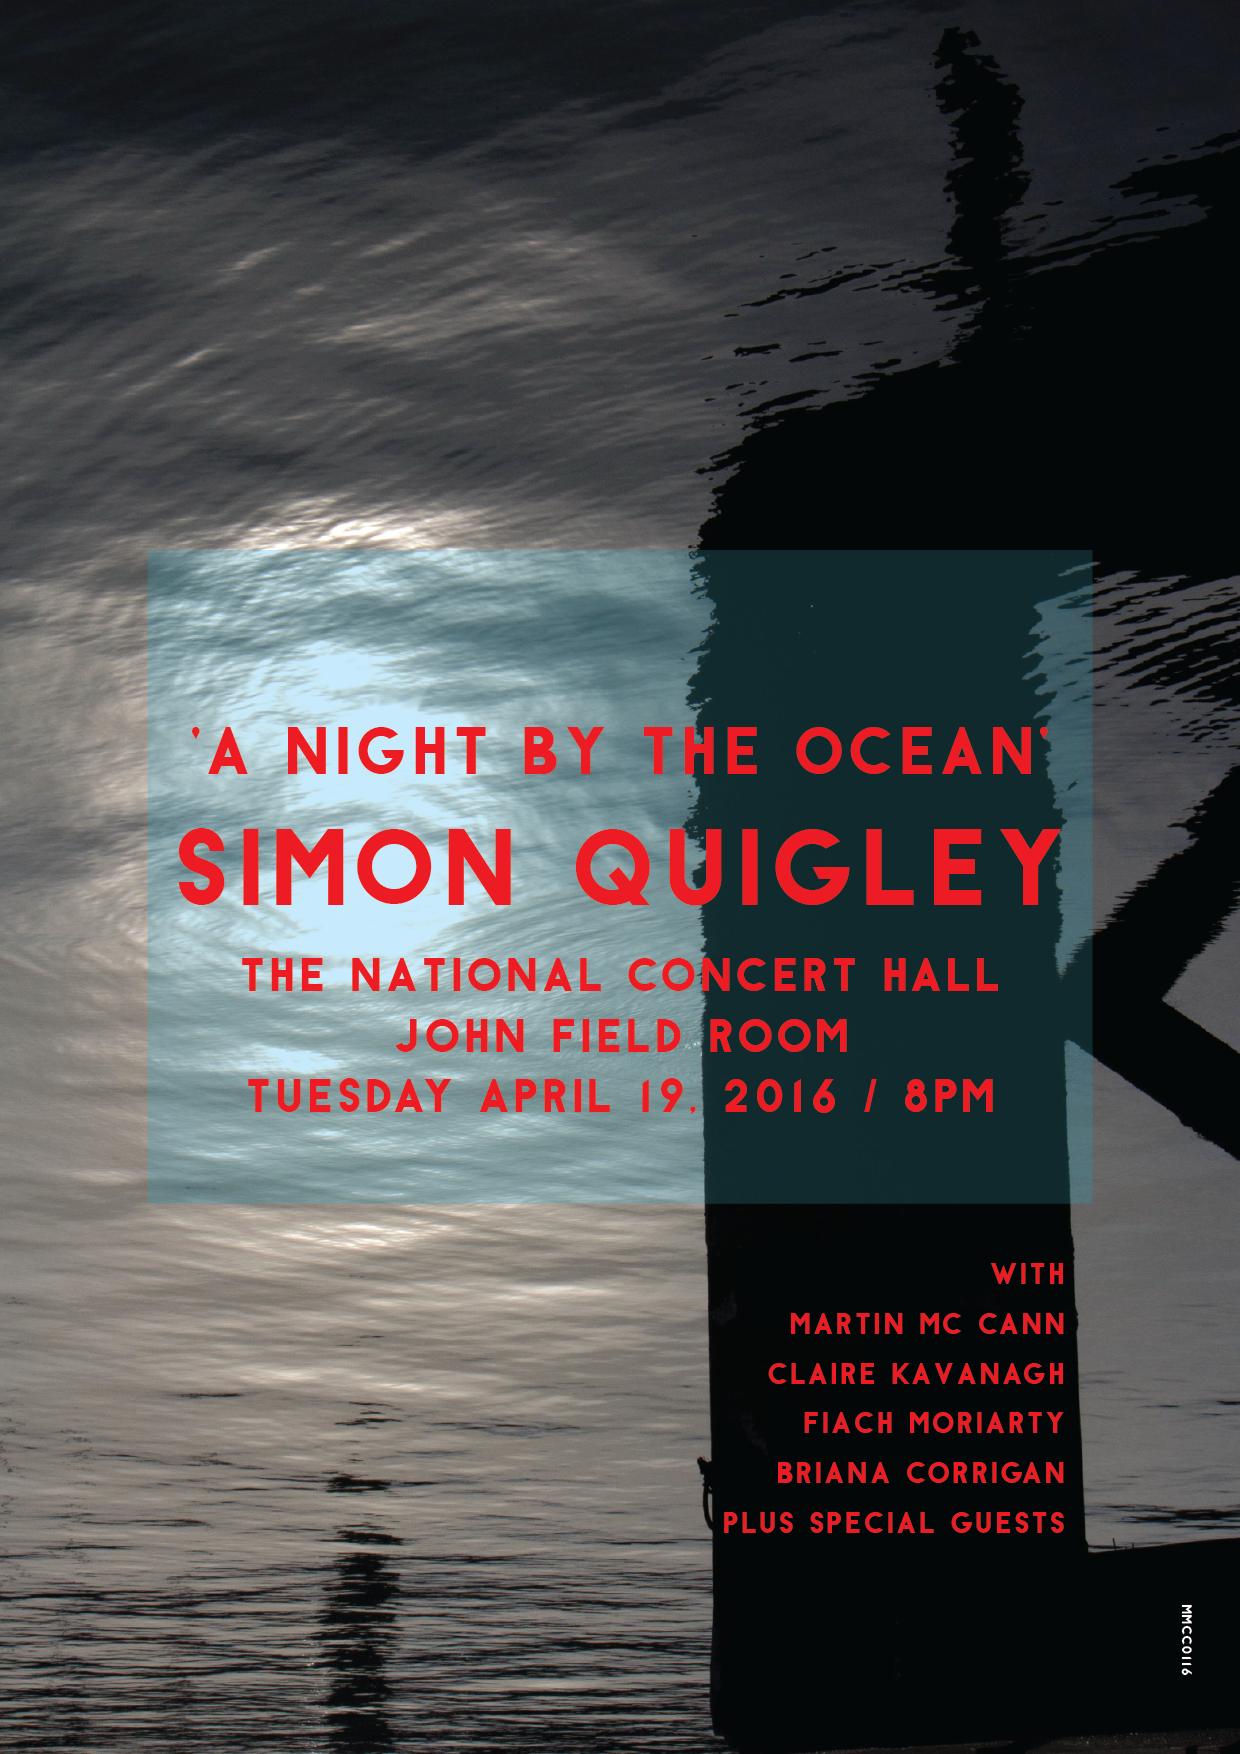 Simon Quigley poster 9